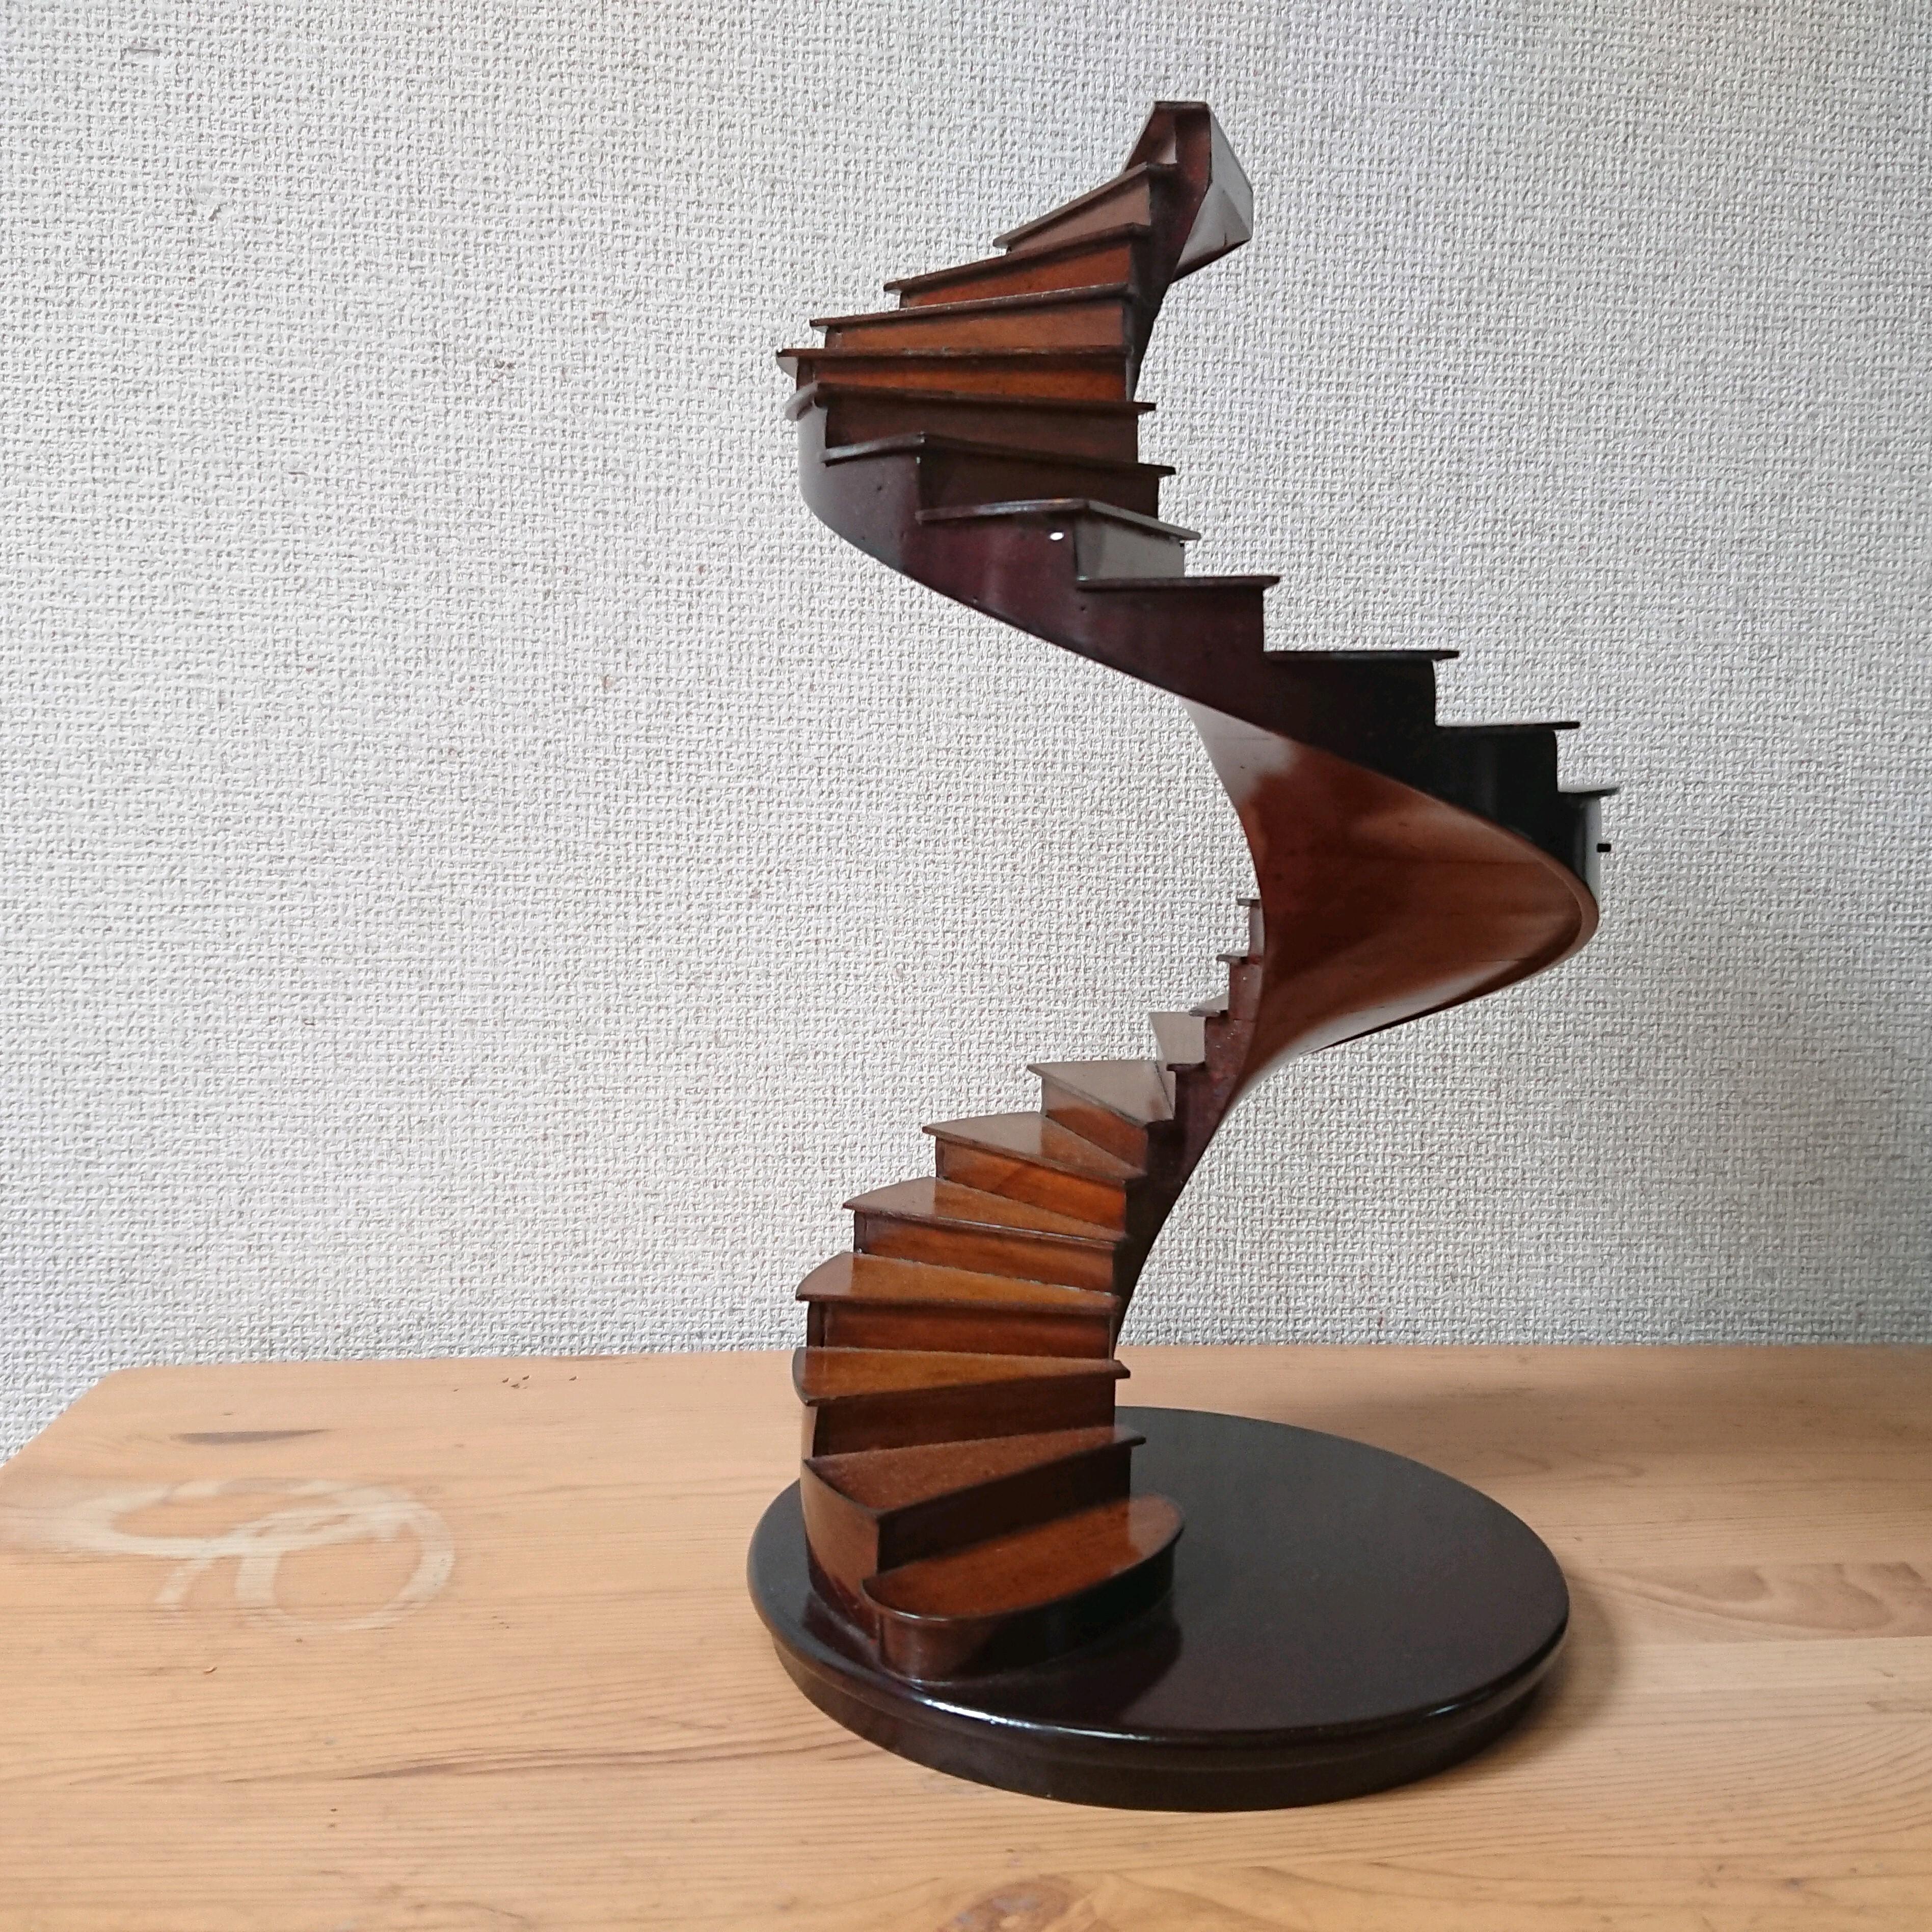 ミケランジェロ サン・ピエトロ大聖堂 Spiral Stairs 螺旋階段 ミニチュアオブジェ 木製 バチカン美術館収蔵品リプロダクト